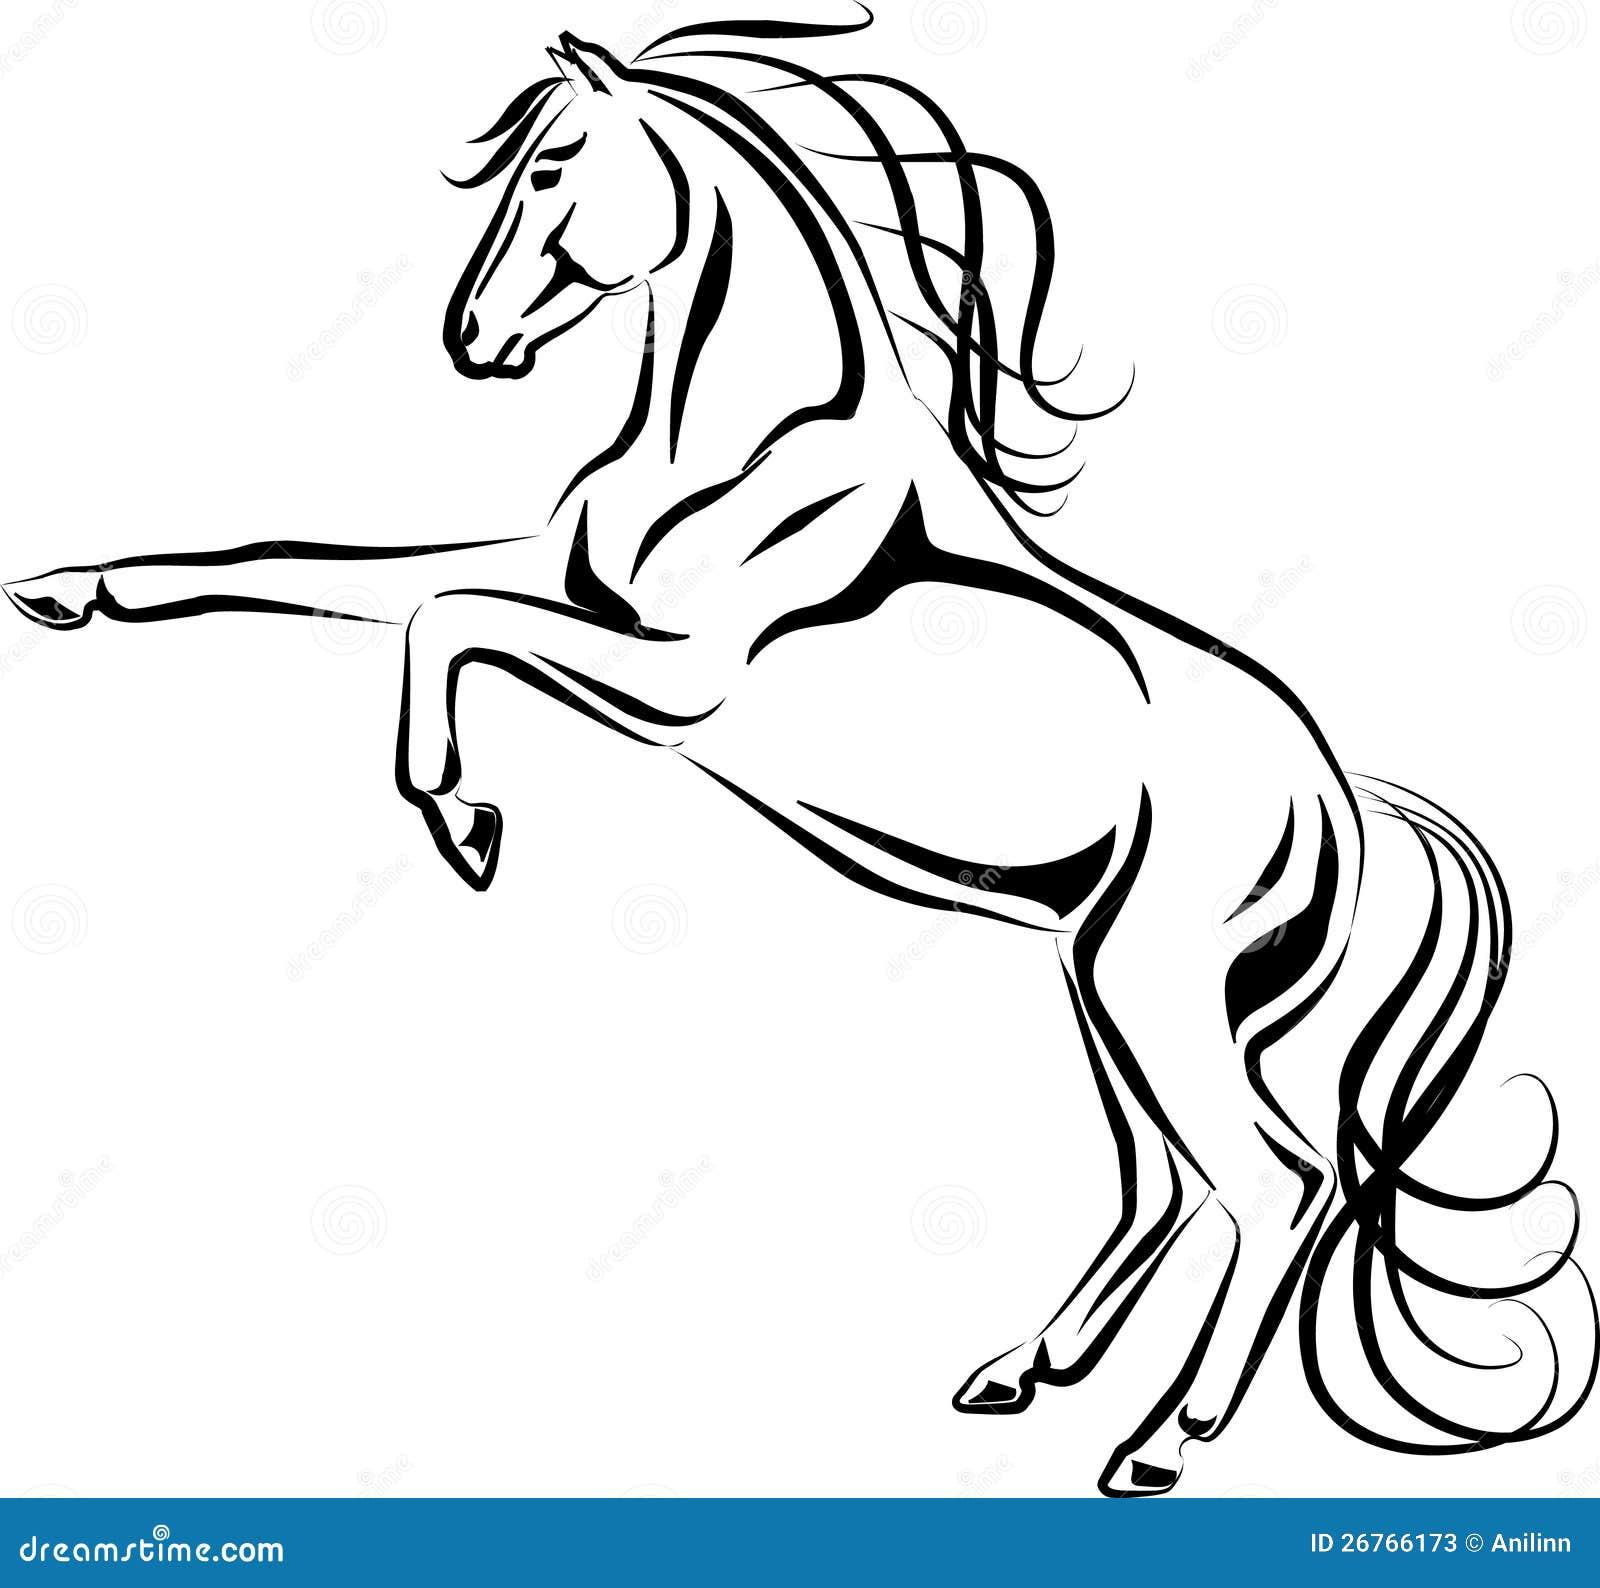 Z 252 Chtung Des Pferds Stockfotos Bild 26766173